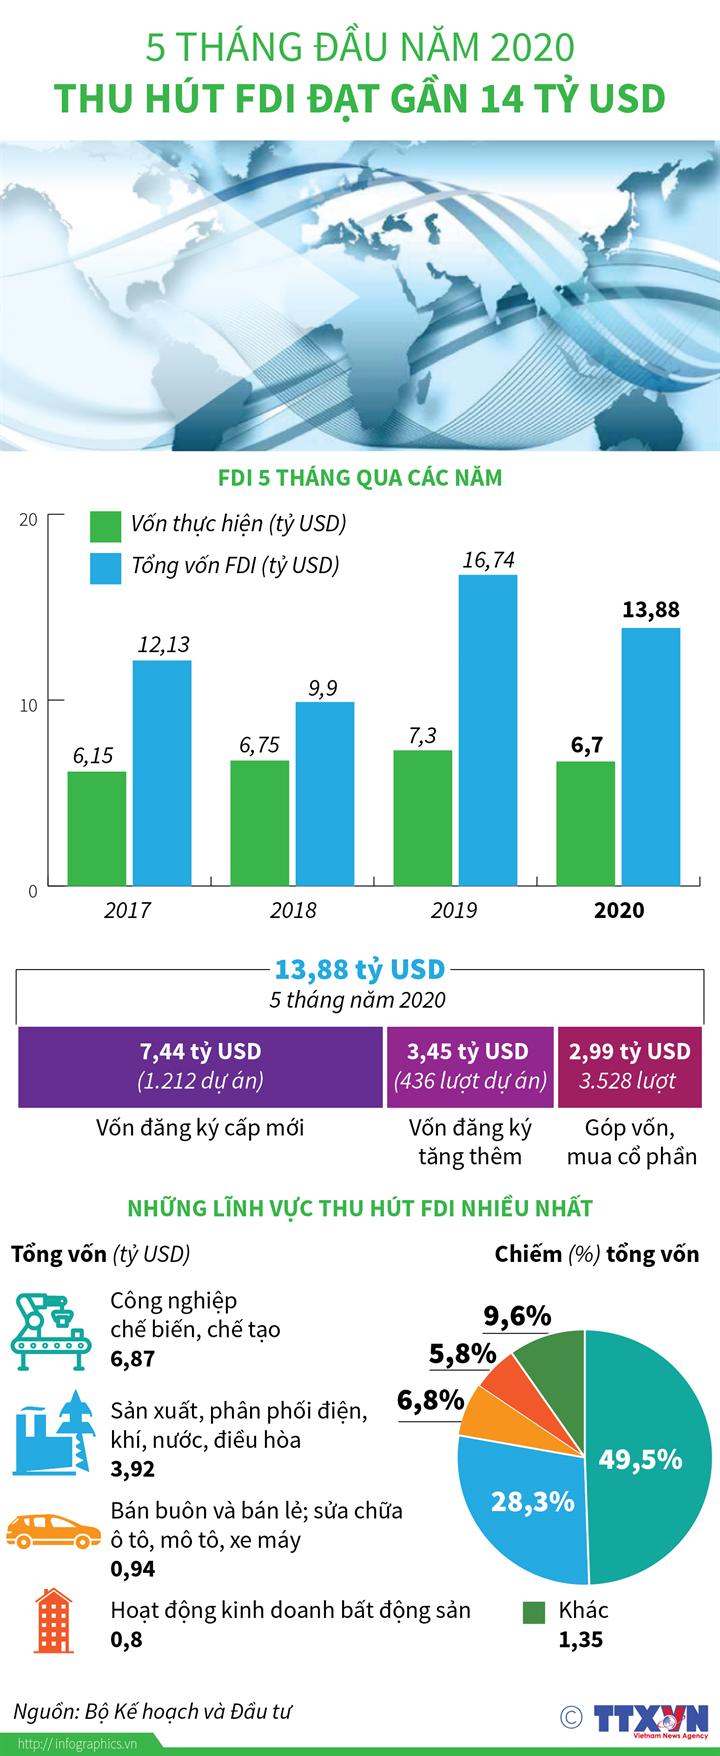 5 tháng đầu năm 2020, thu hút FDI đạt gần 14 tỷ USD